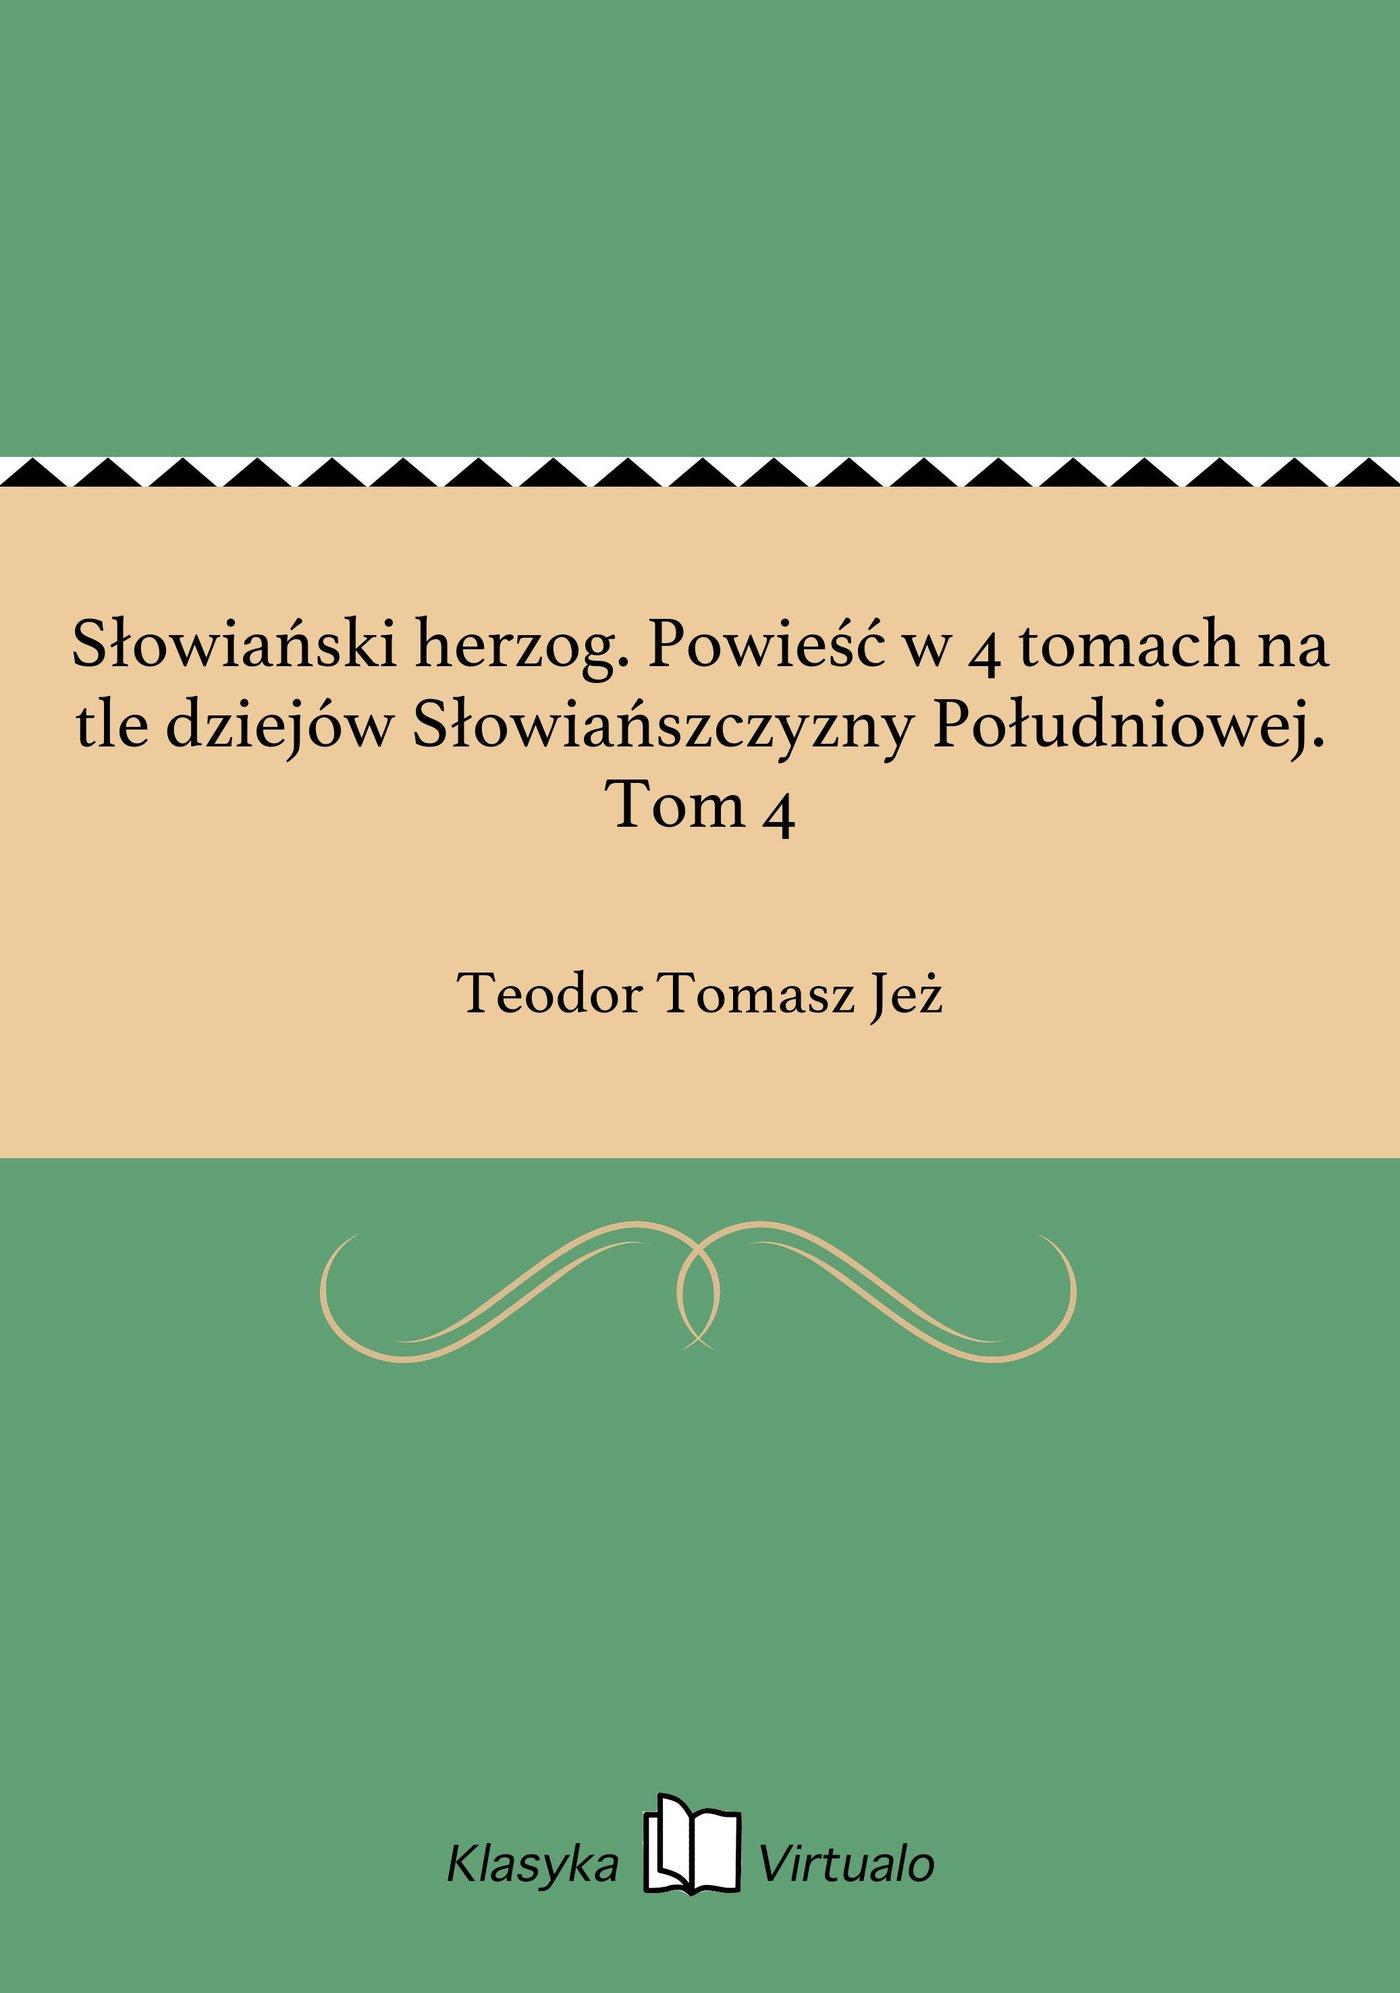 Słowiański herzog. Powieść w 4 tomach na tle dziejów Słowiańszczyzny Południowej. Tom 4 - Ebook (Książka na Kindle) do pobrania w formacie MOBI